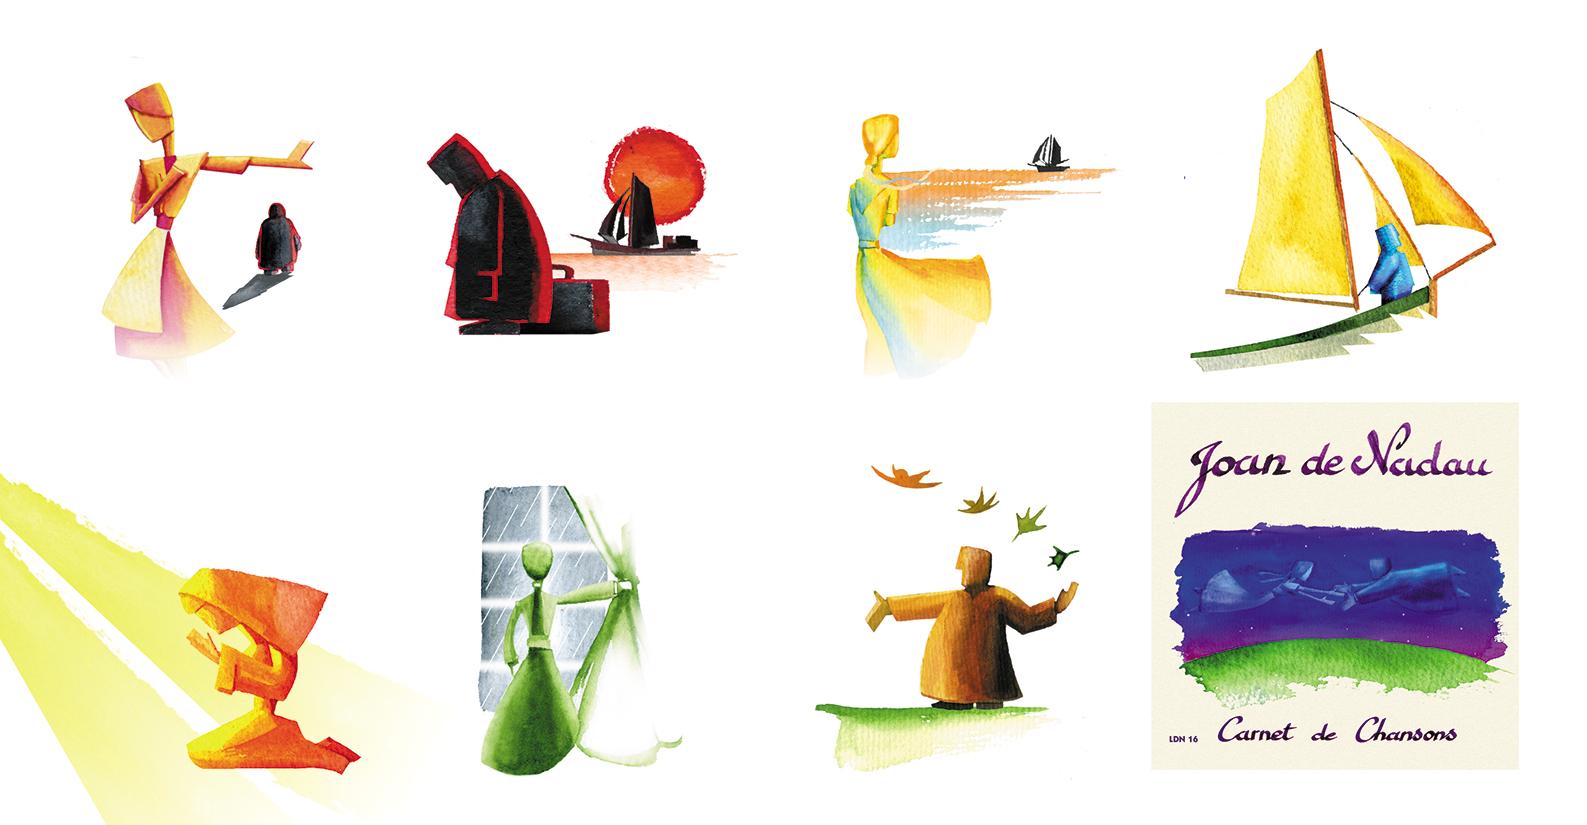 Illustration pour un CD de Joan de Nadau